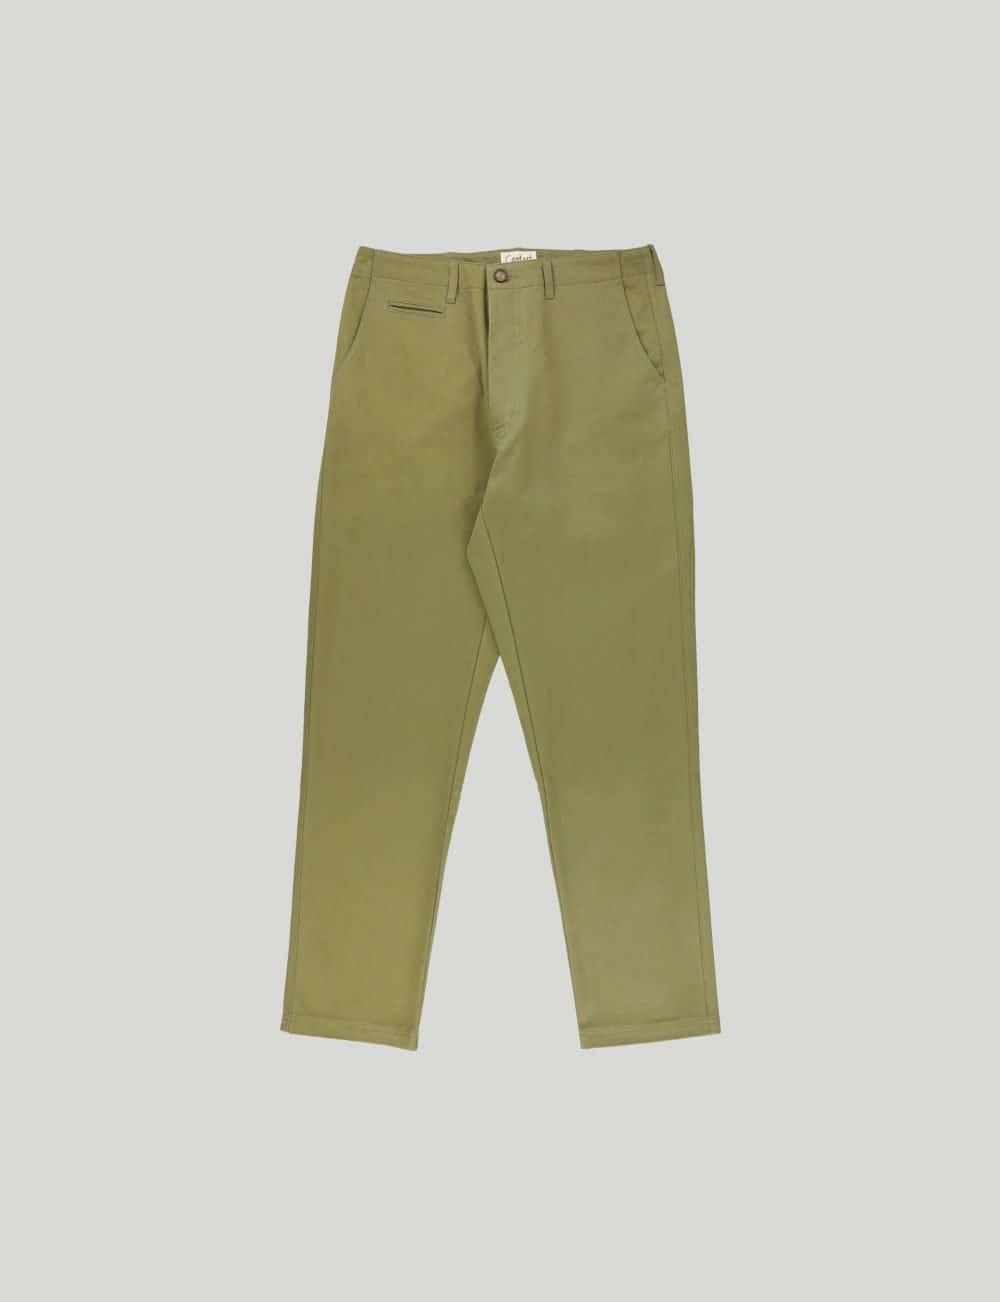 Castart - Hockney Pants - Khaki